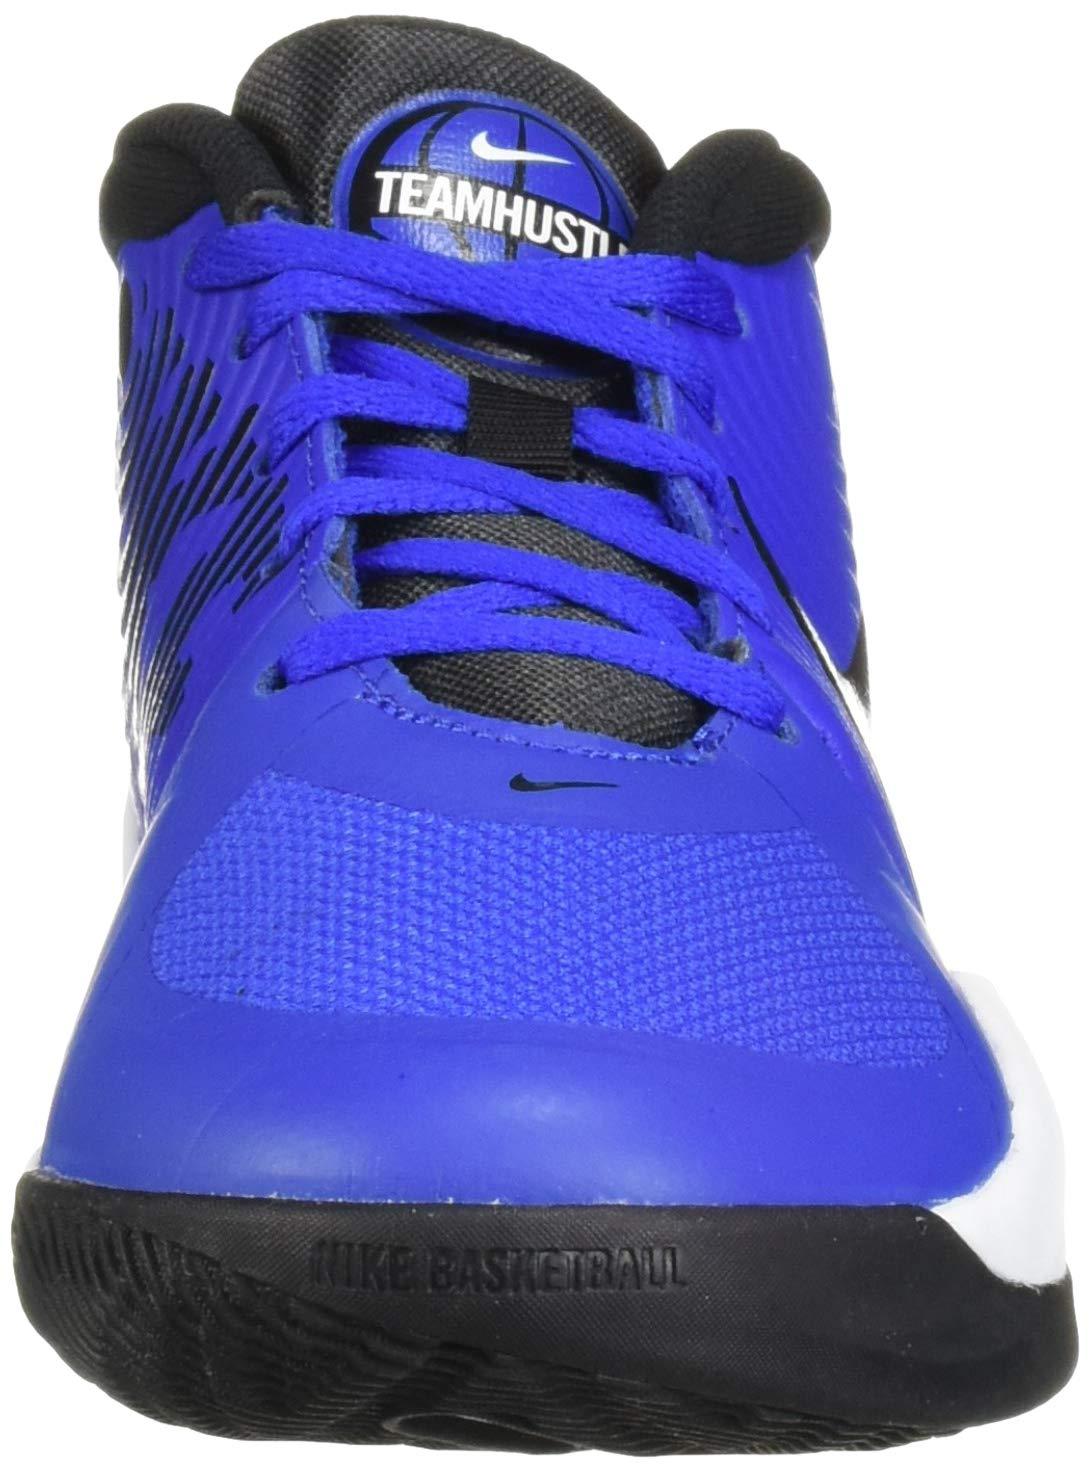 Nike Unisex Team Hustle D 9 (GS) Sneaker, Game Royal/Black - White, 5Y Regular US Big Kid by Nike (Image #4)